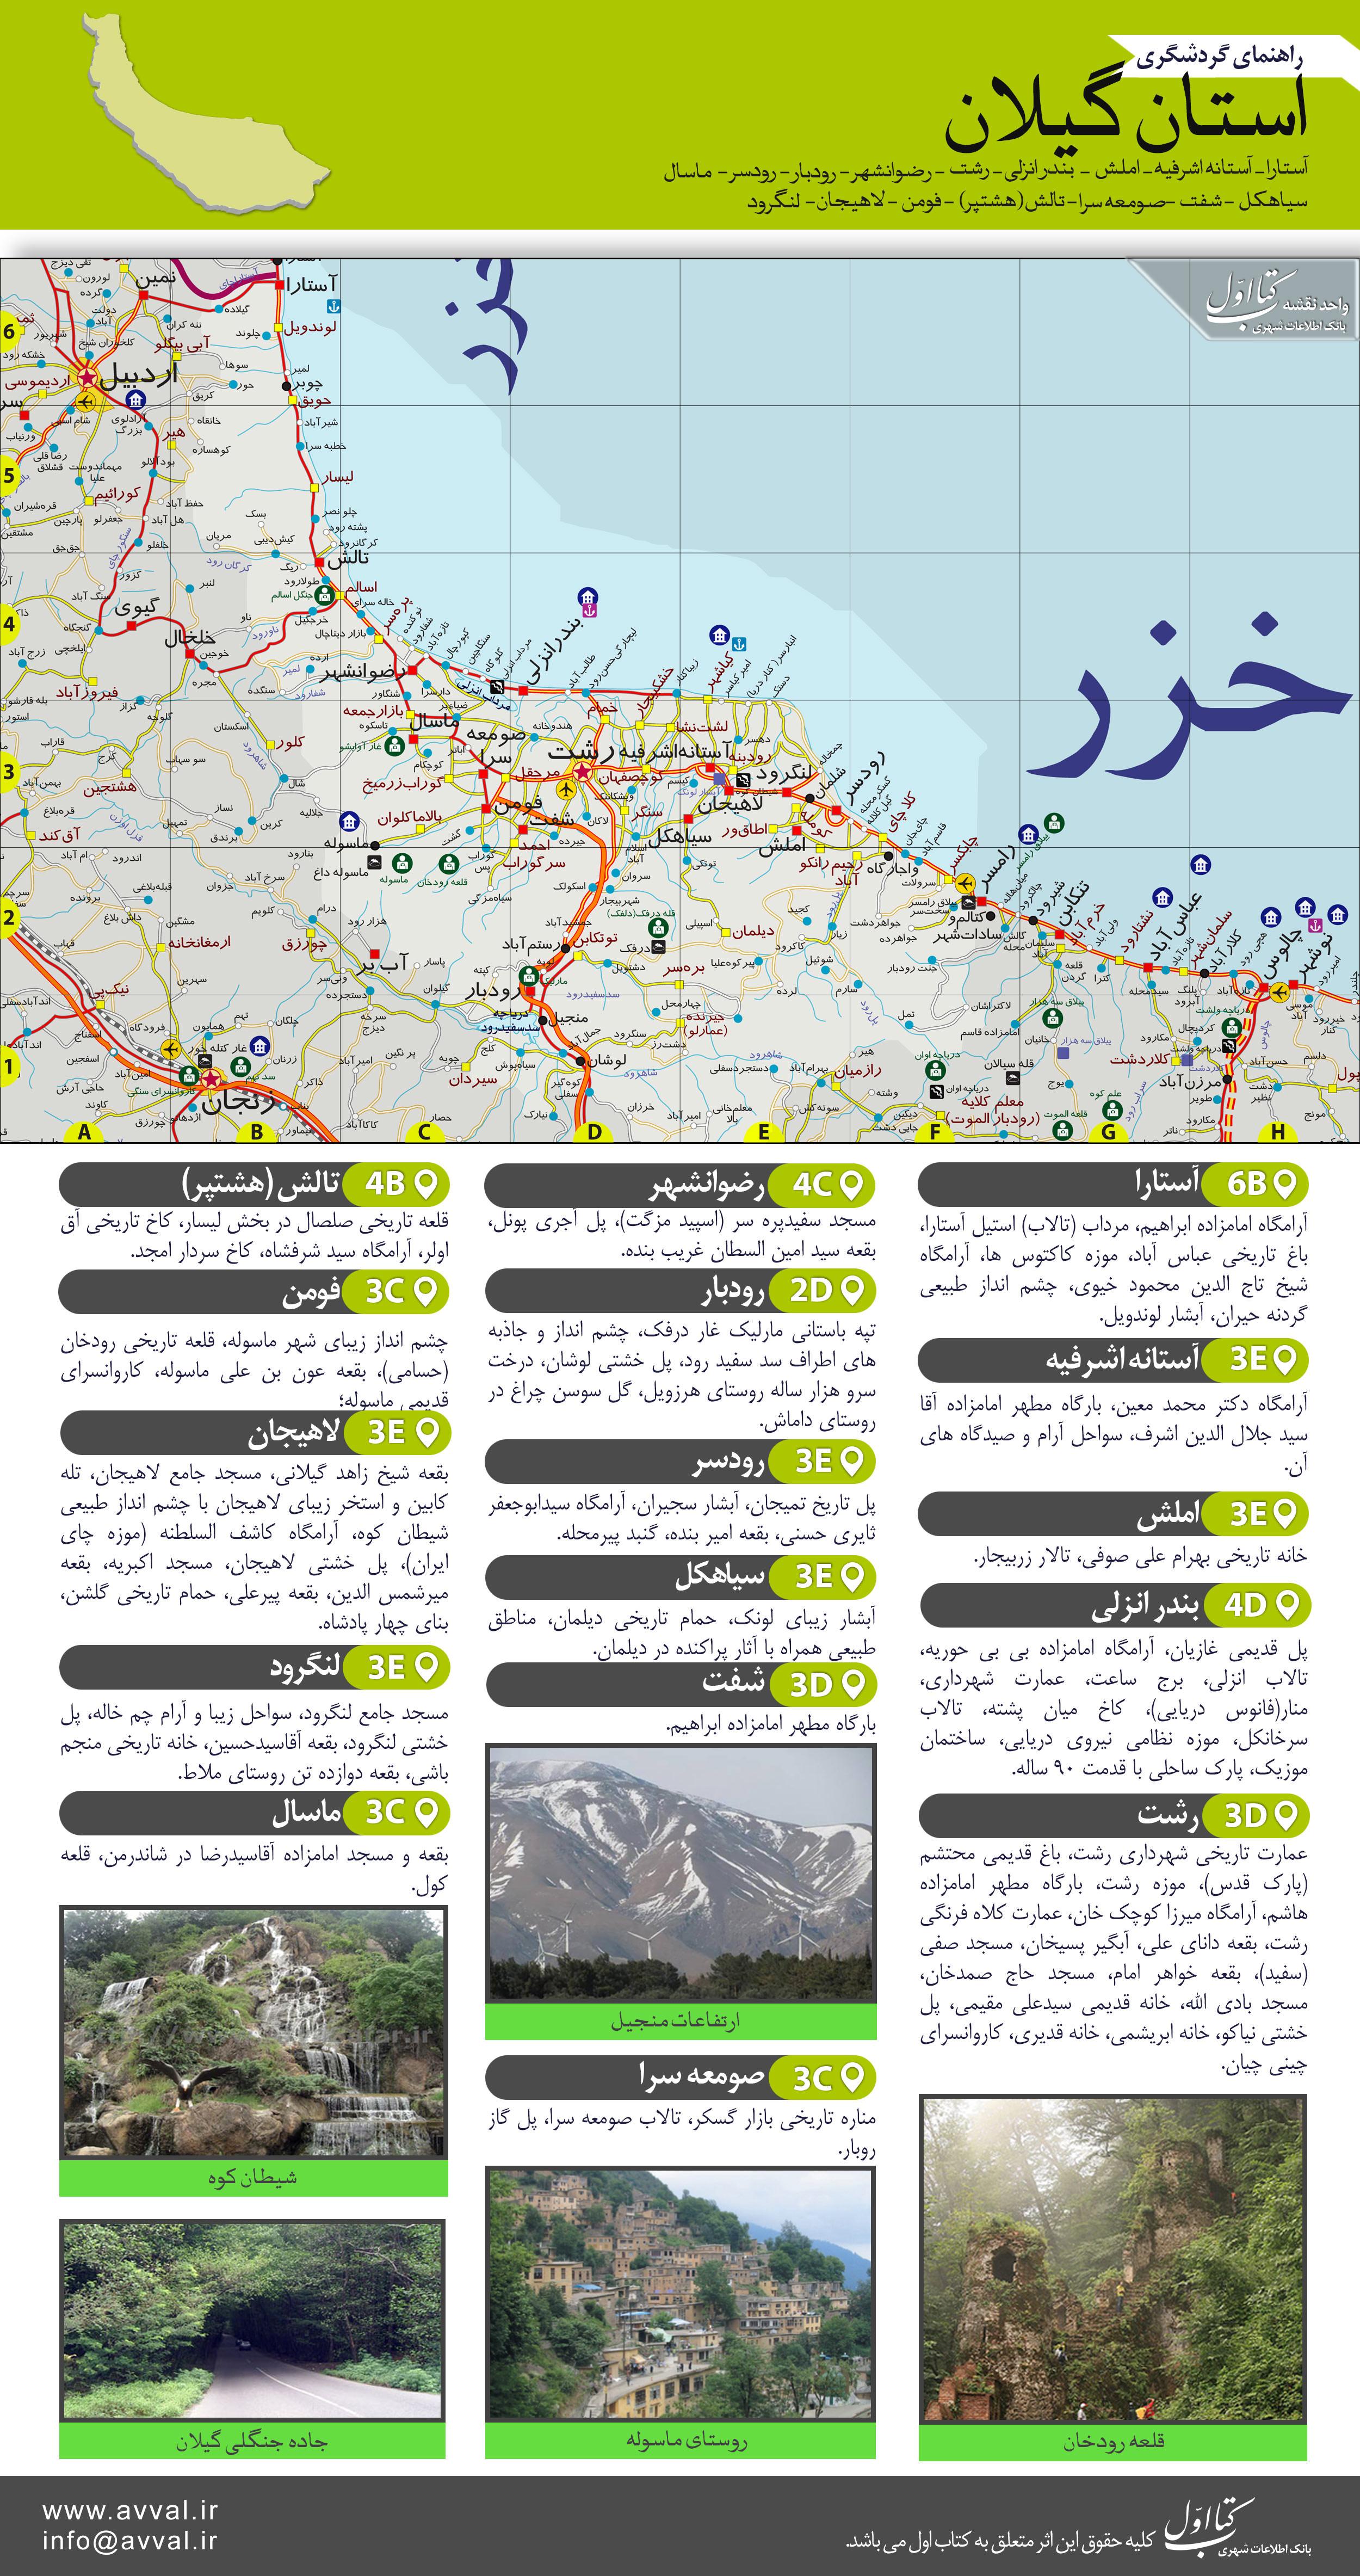 نقشه گردشگری گیلان